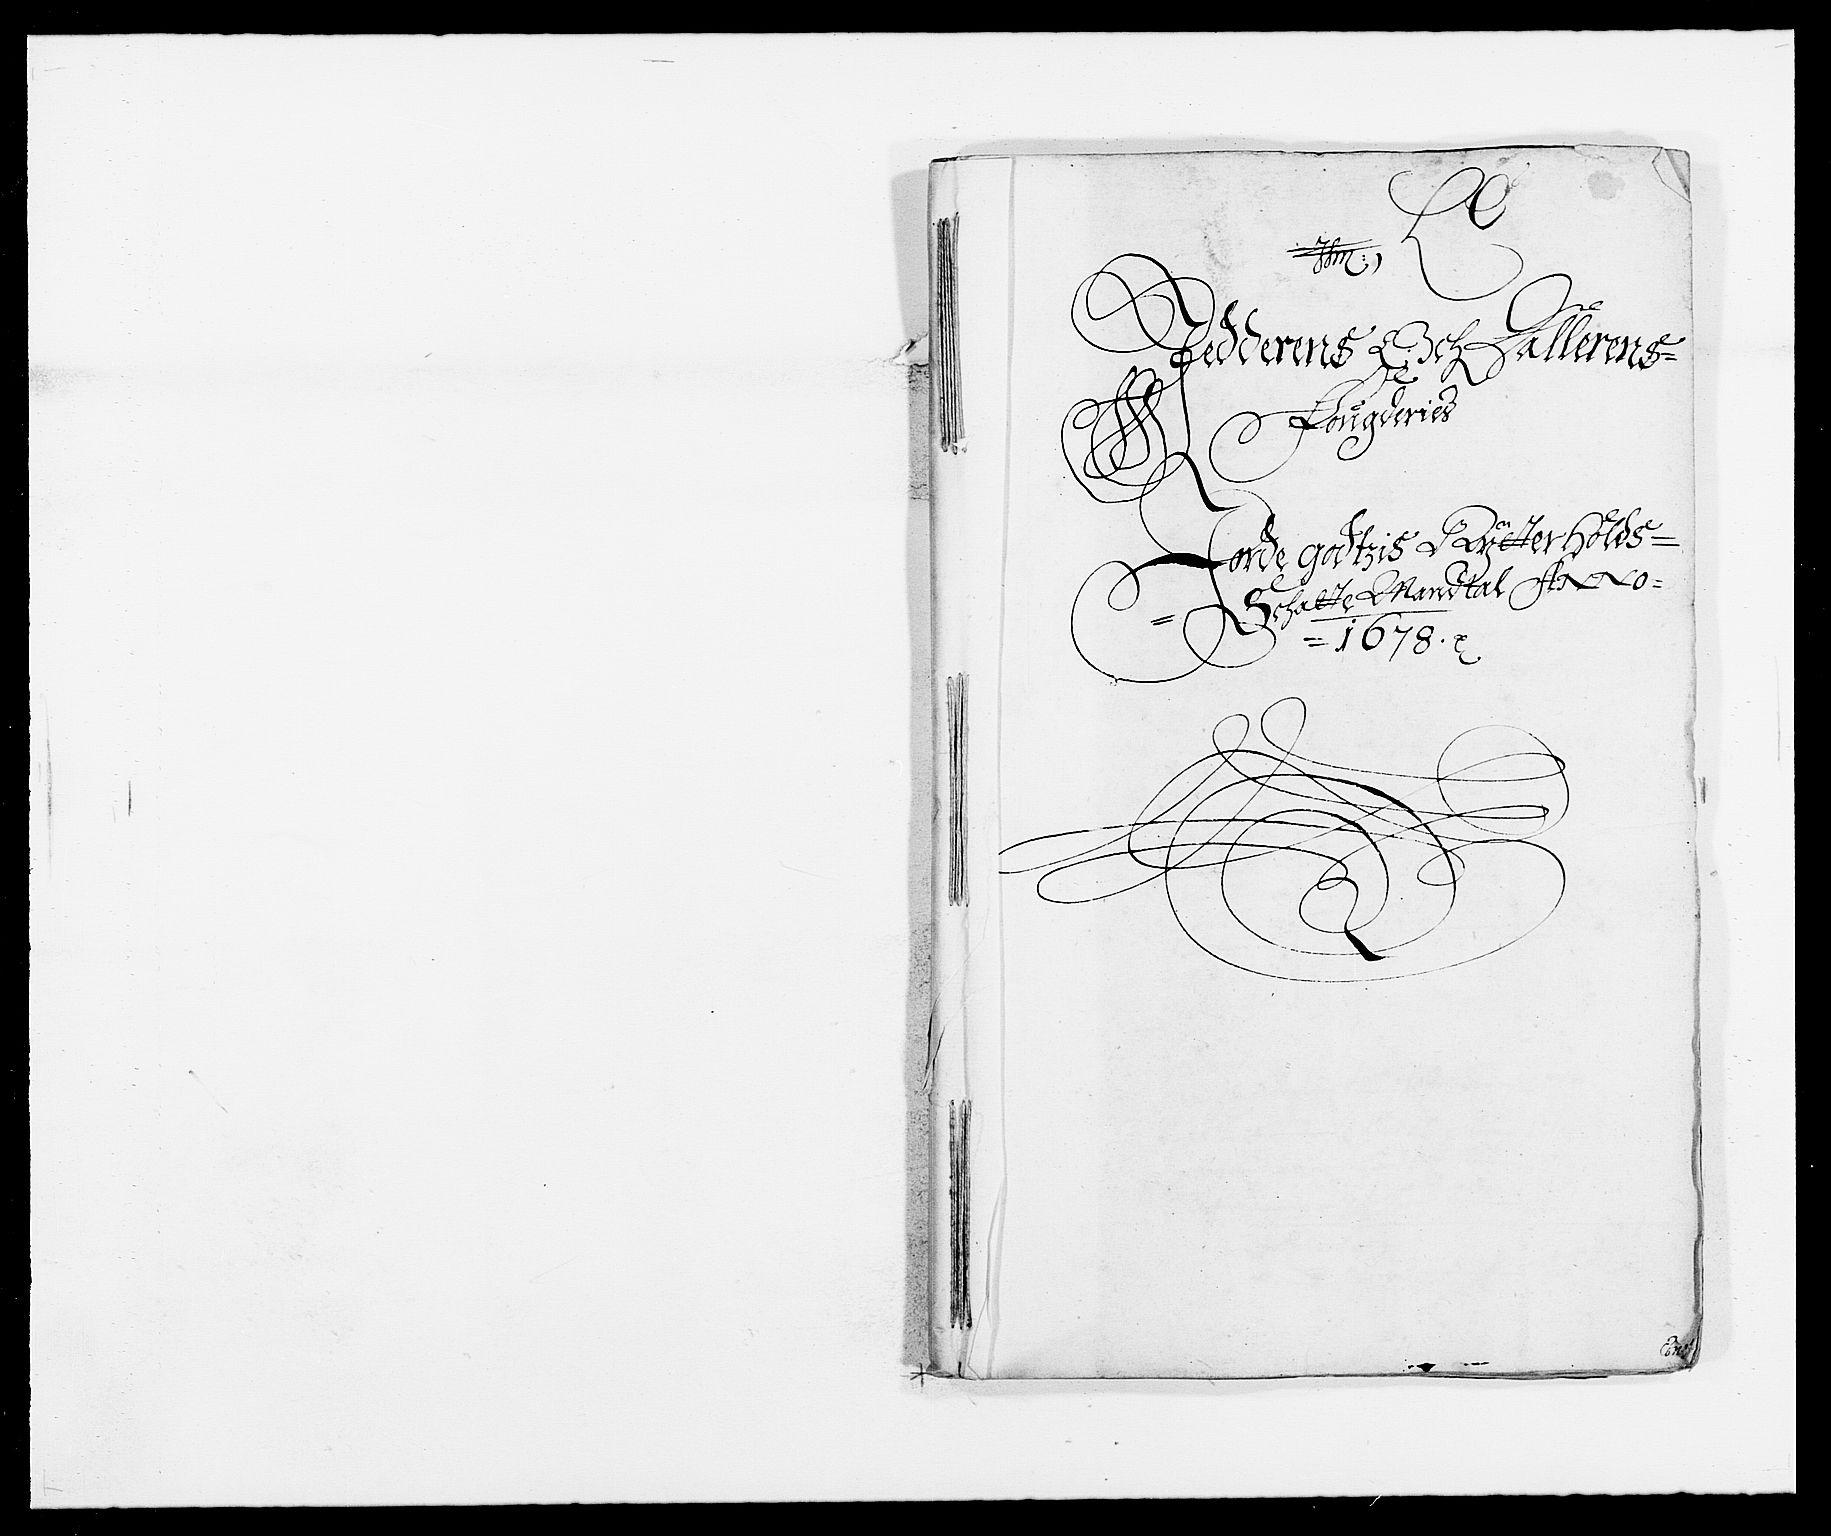 RA, Rentekammeret inntil 1814, Reviderte regnskaper, Fogderegnskap, R46/L2718: Fogderegnskap Jæren og Dalane, 1678, s. 85